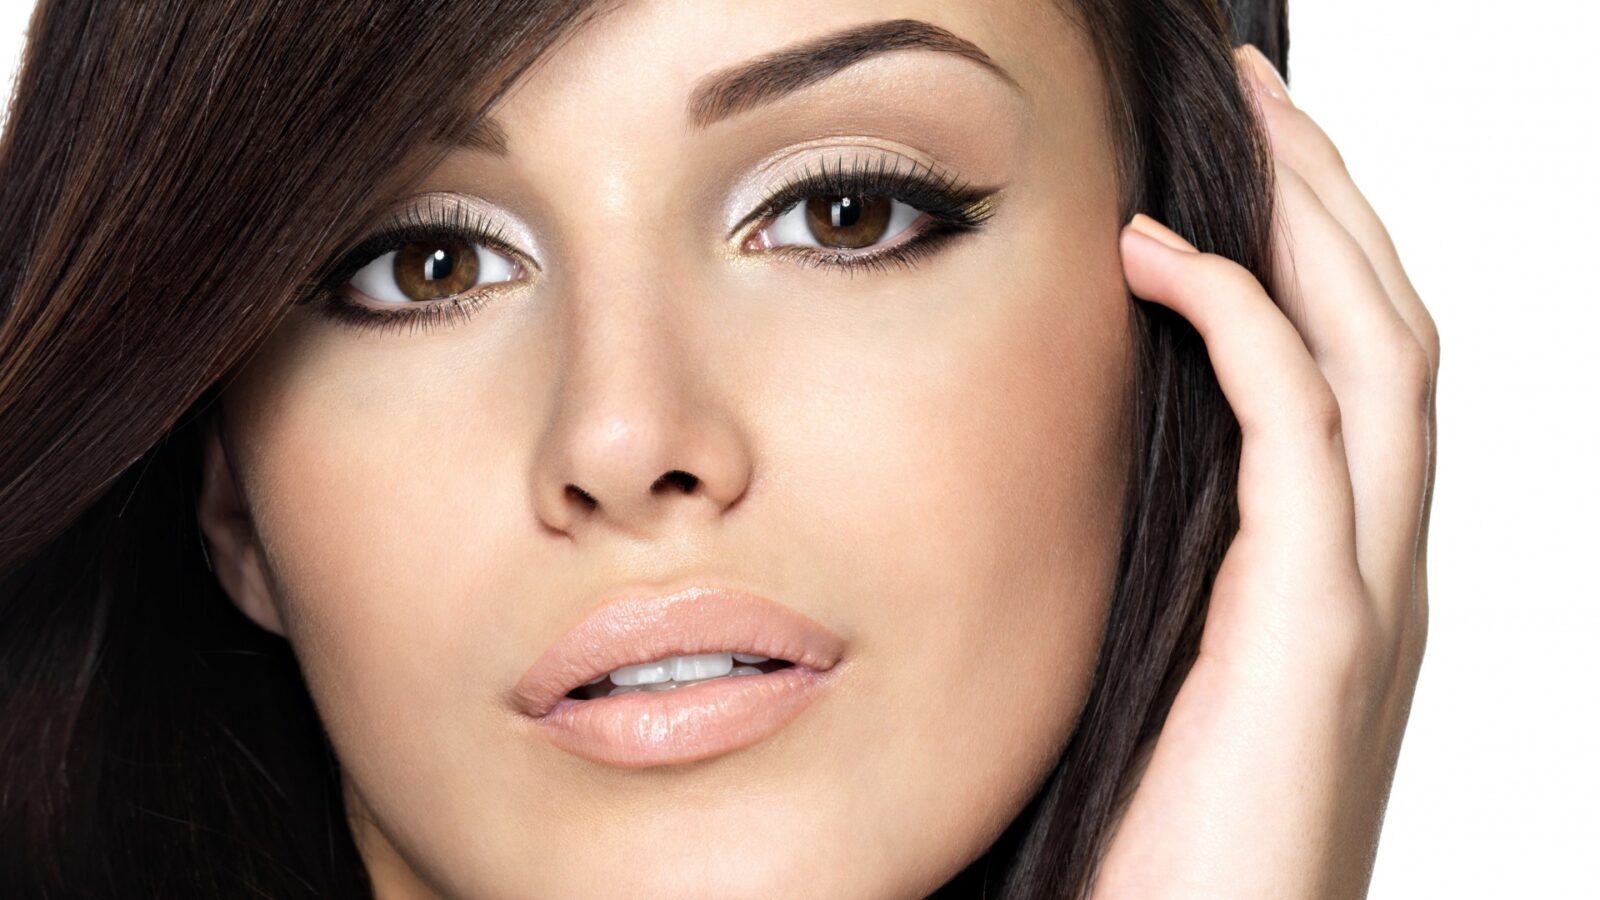 Лучший макияж для карих глаз брюнеток фото